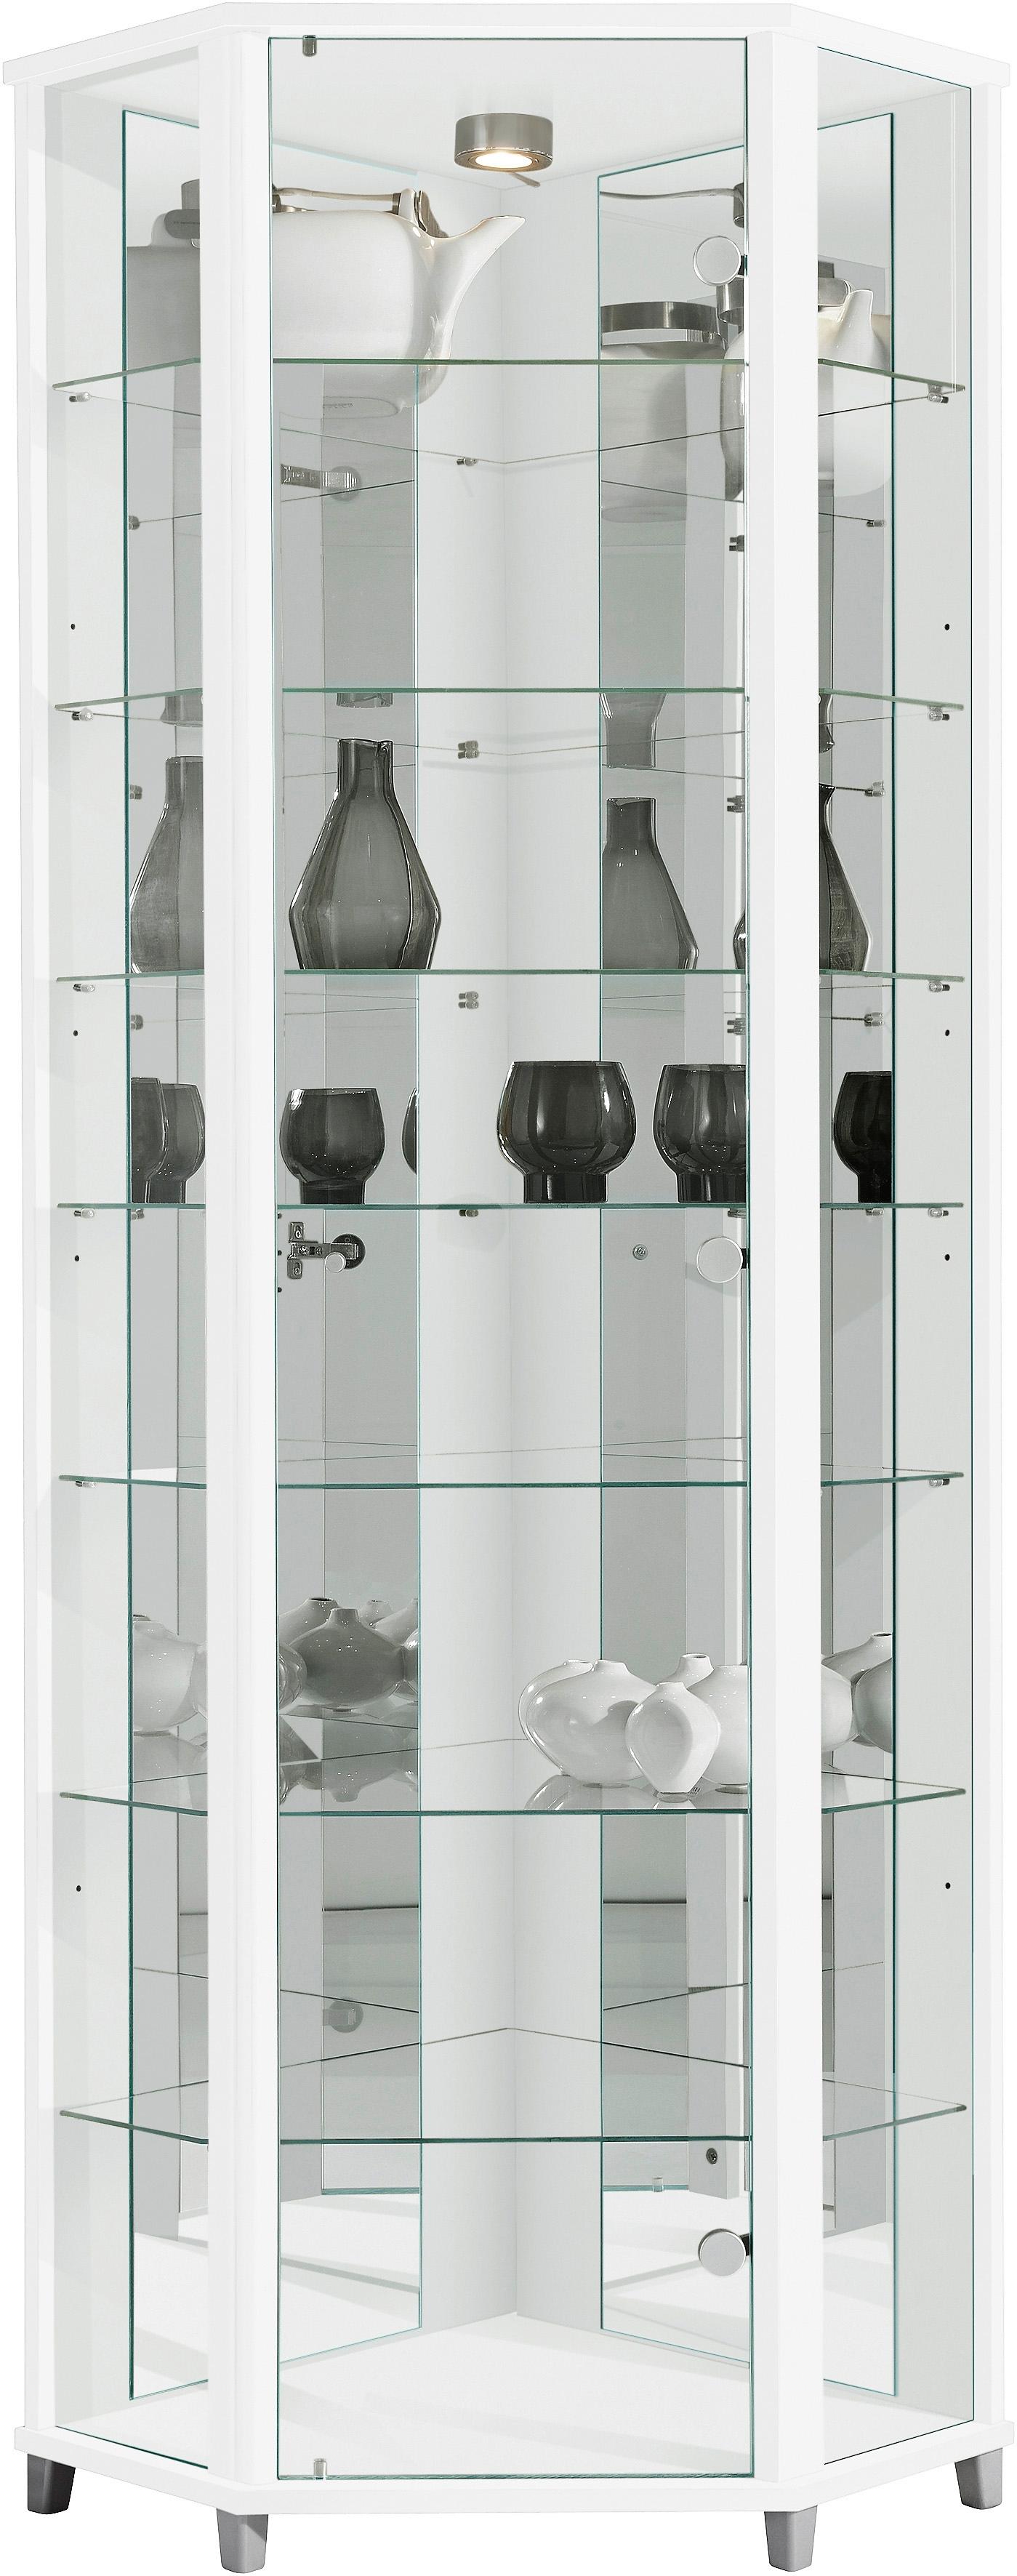 Hoek Vitrinekast Glas.Hoekvitrinekast Hoogte 172 Cm 7 Glasplateaus Online Verkrijgbaar